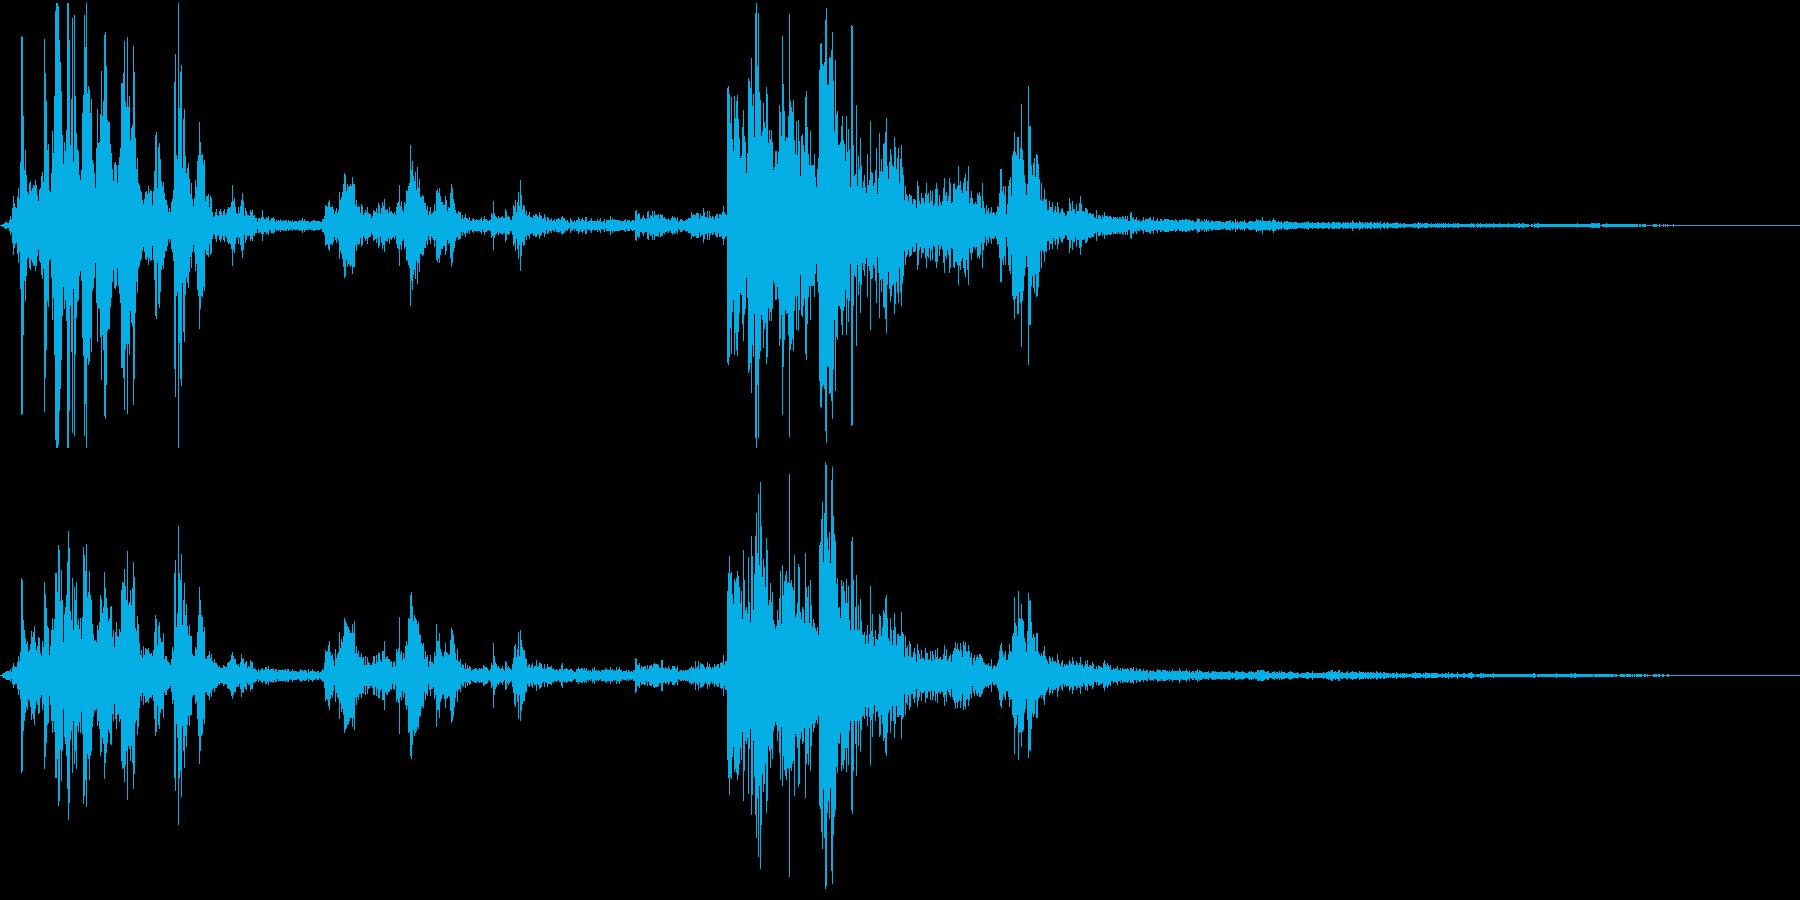 【自然音】カミナリ+雨「ゴロゴロ」の再生済みの波形